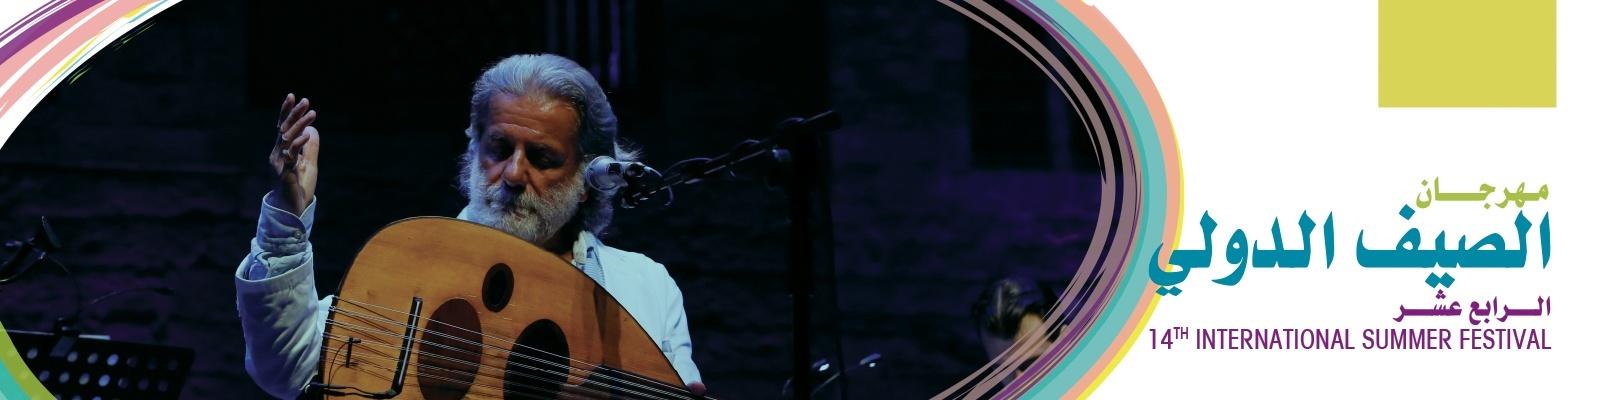 Marcel Khalife Concert